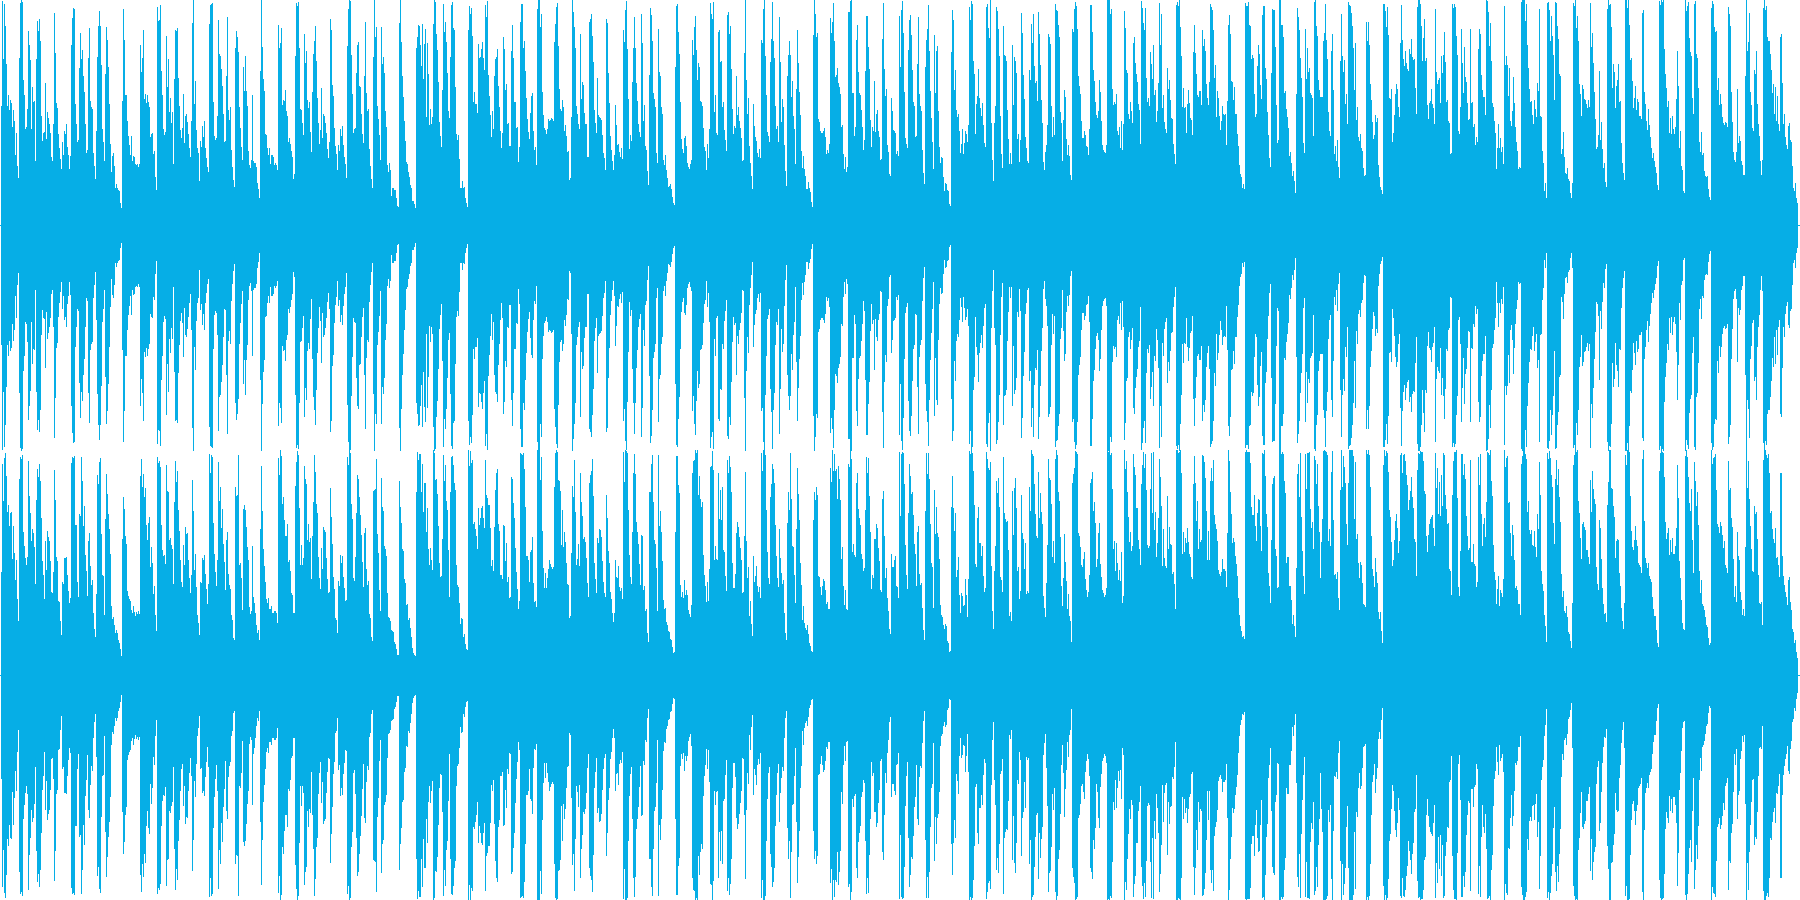 明るく楽しい コミカルなラテンBGMの再生済みの波形